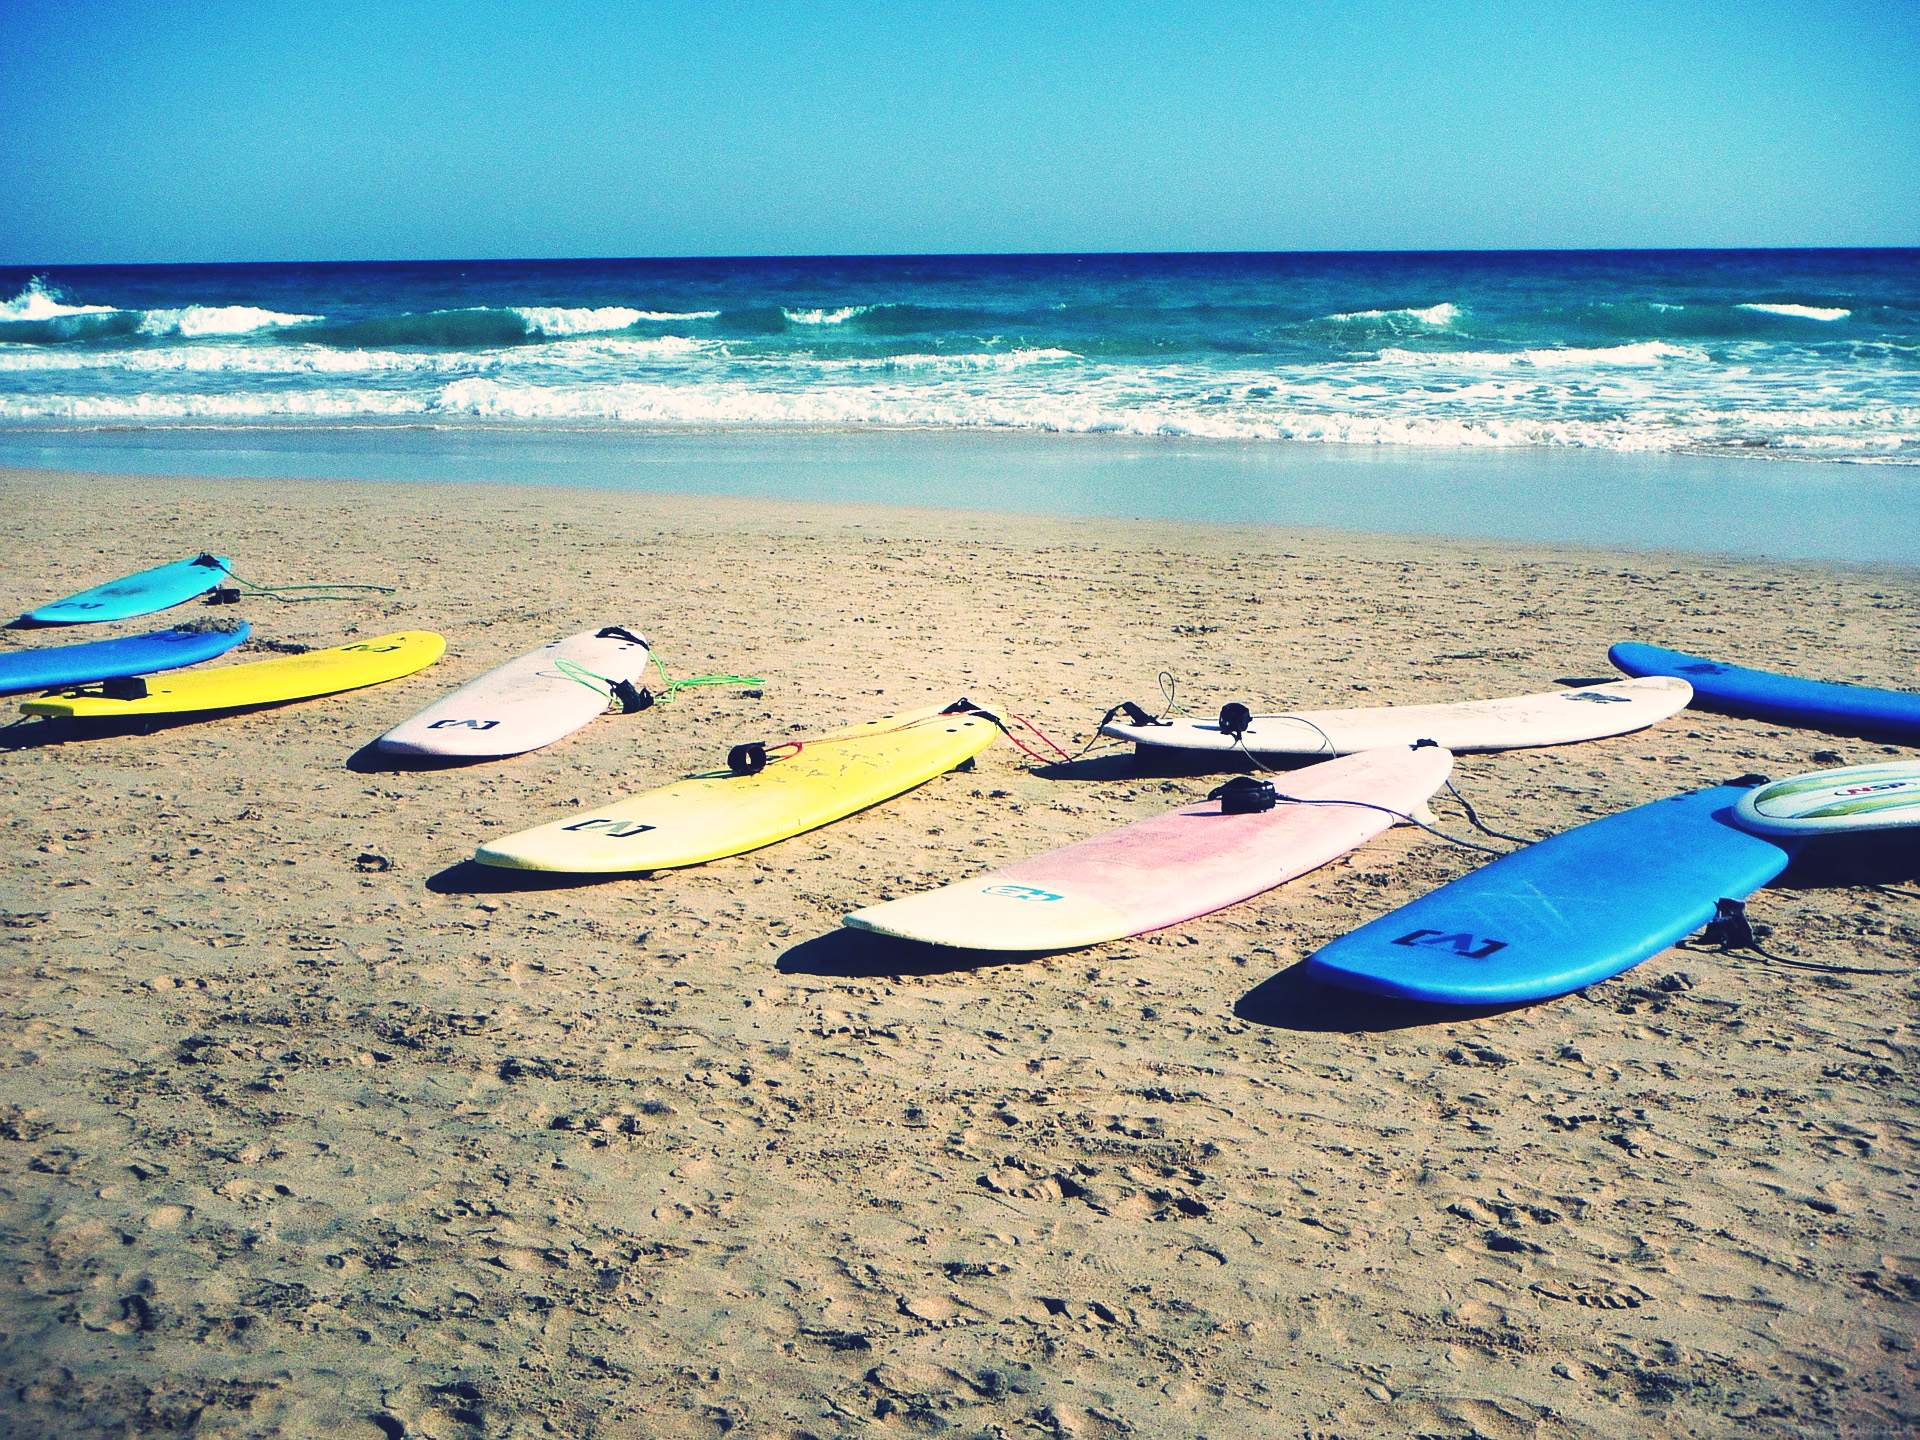 Location de surfs - école de Surf  - Anglet, Pays Basque